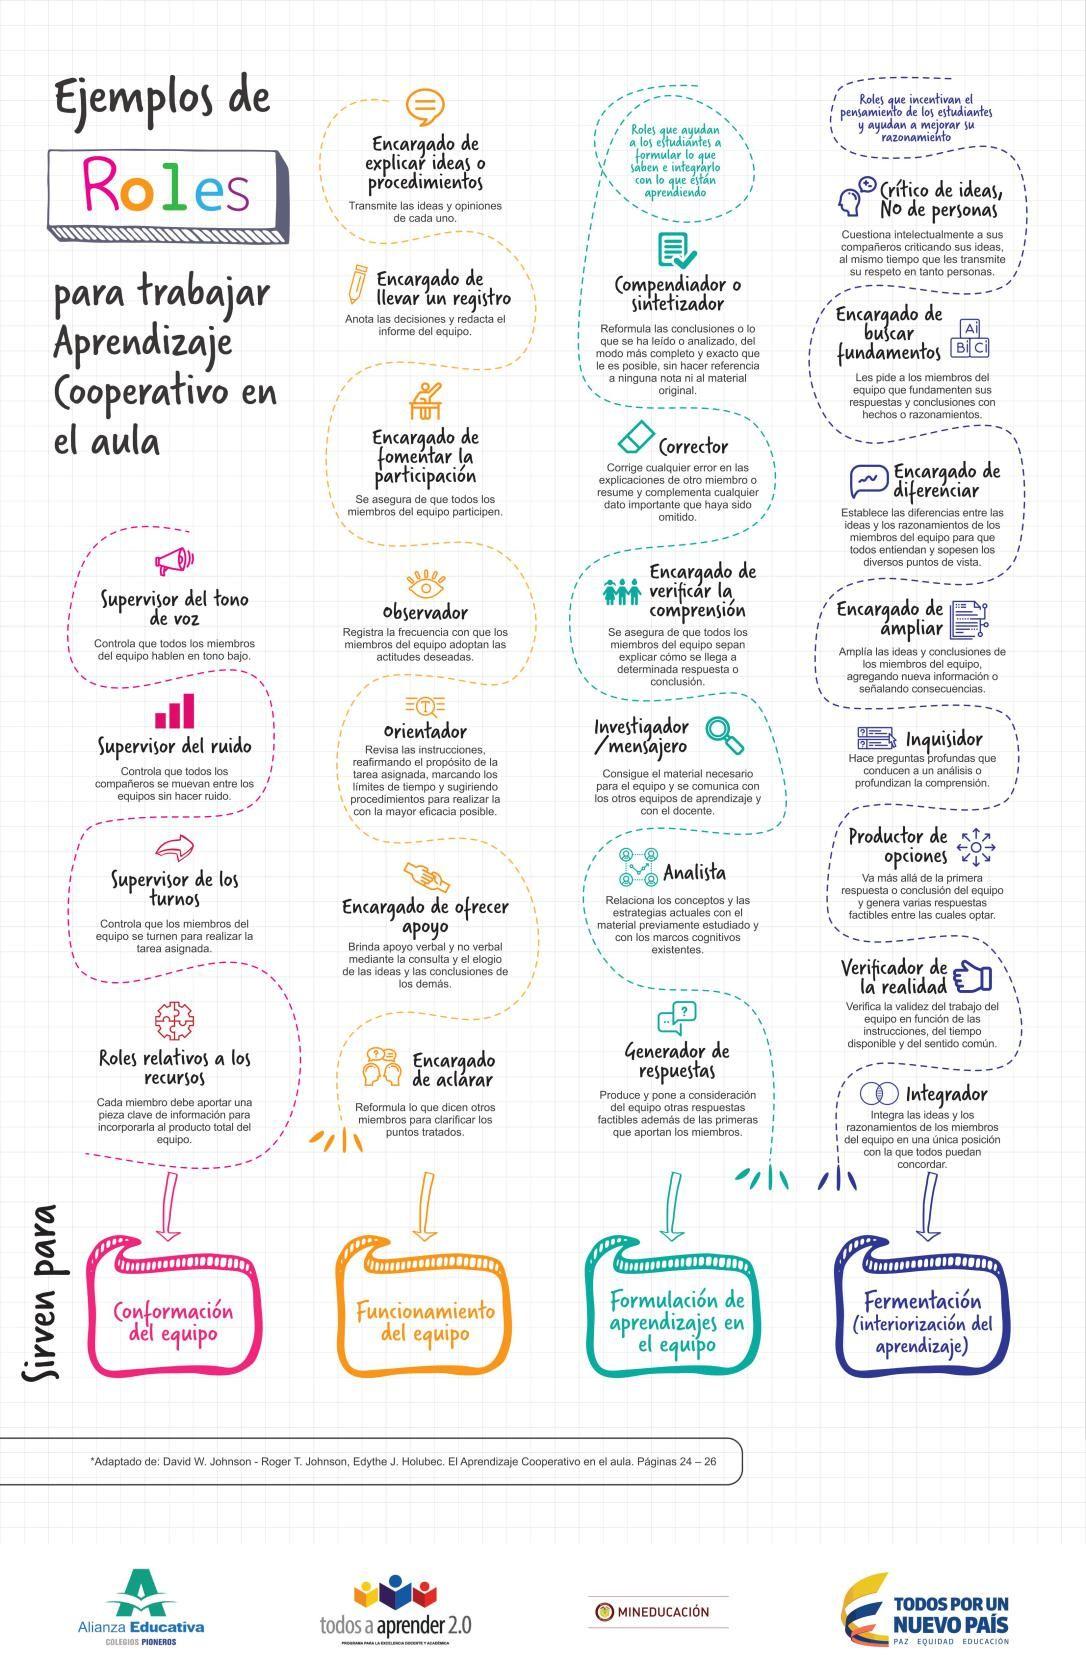 Roles Y Dinámicas De Aprendizaje Cooperativo Para El área De Francés Aprendizaje Cooperativo Aprendizaje Actividades De Aprendizaje